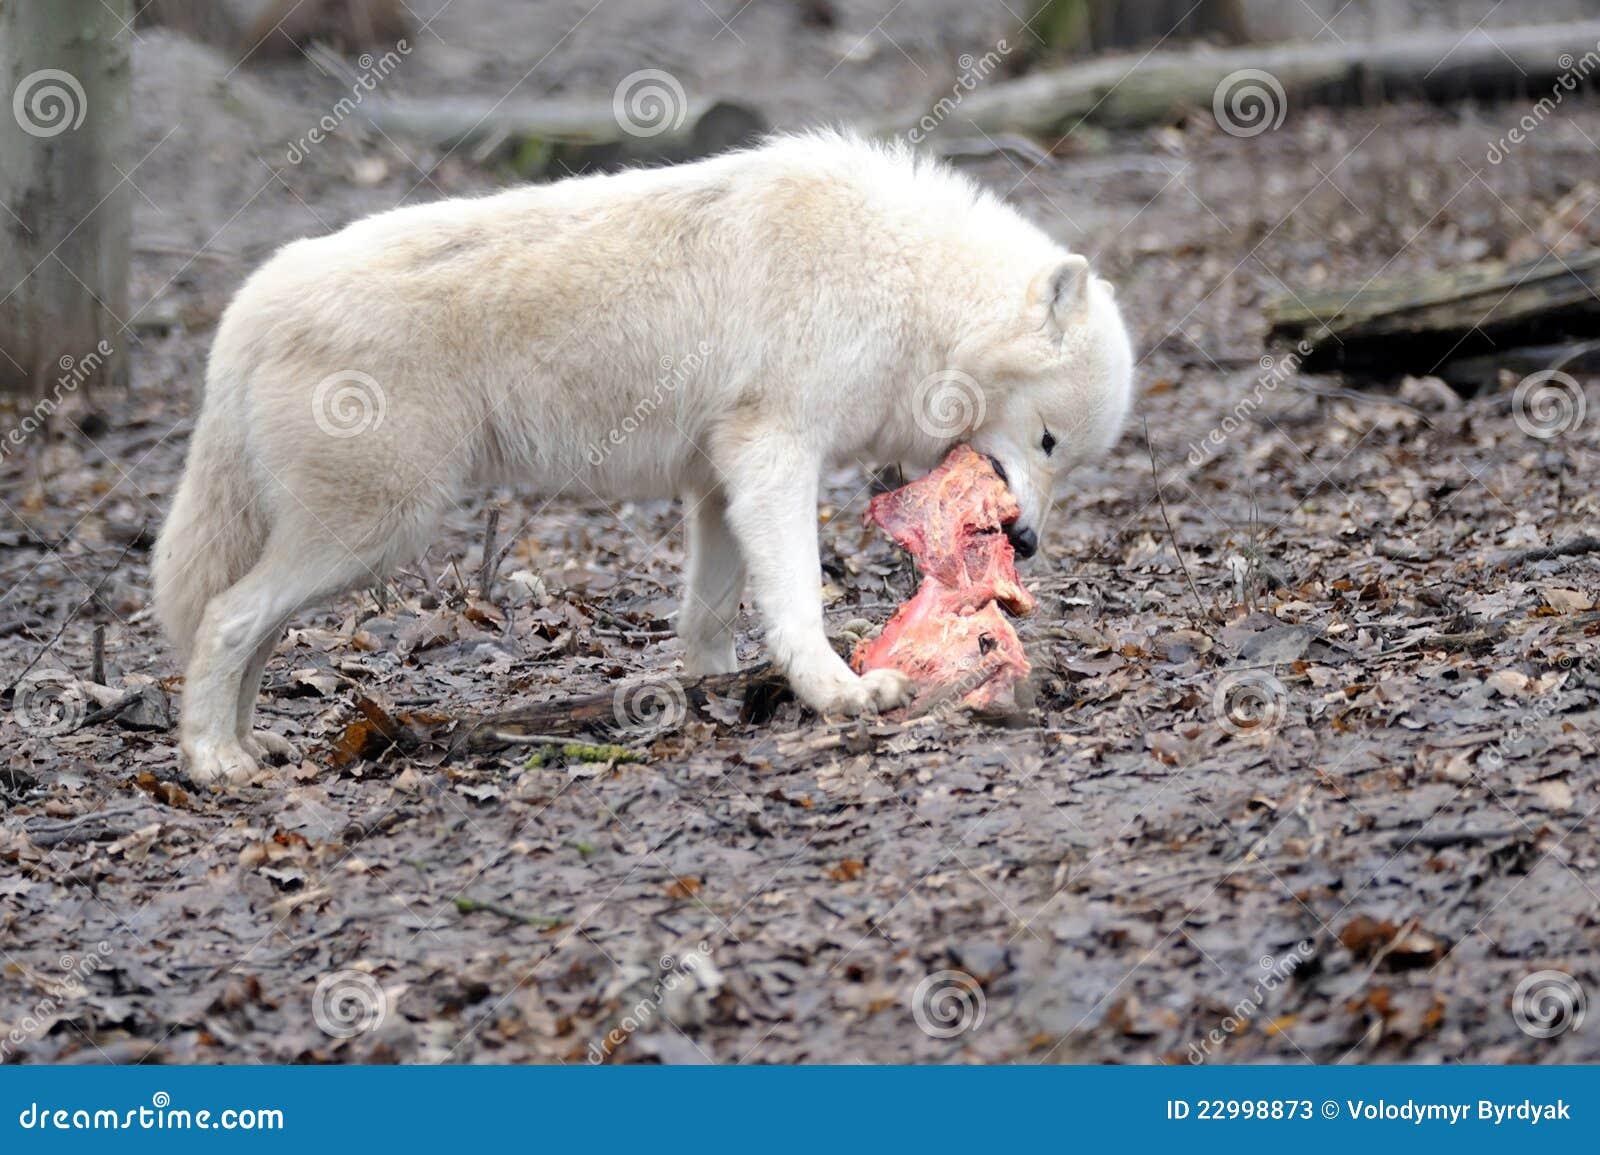 Wolf essen